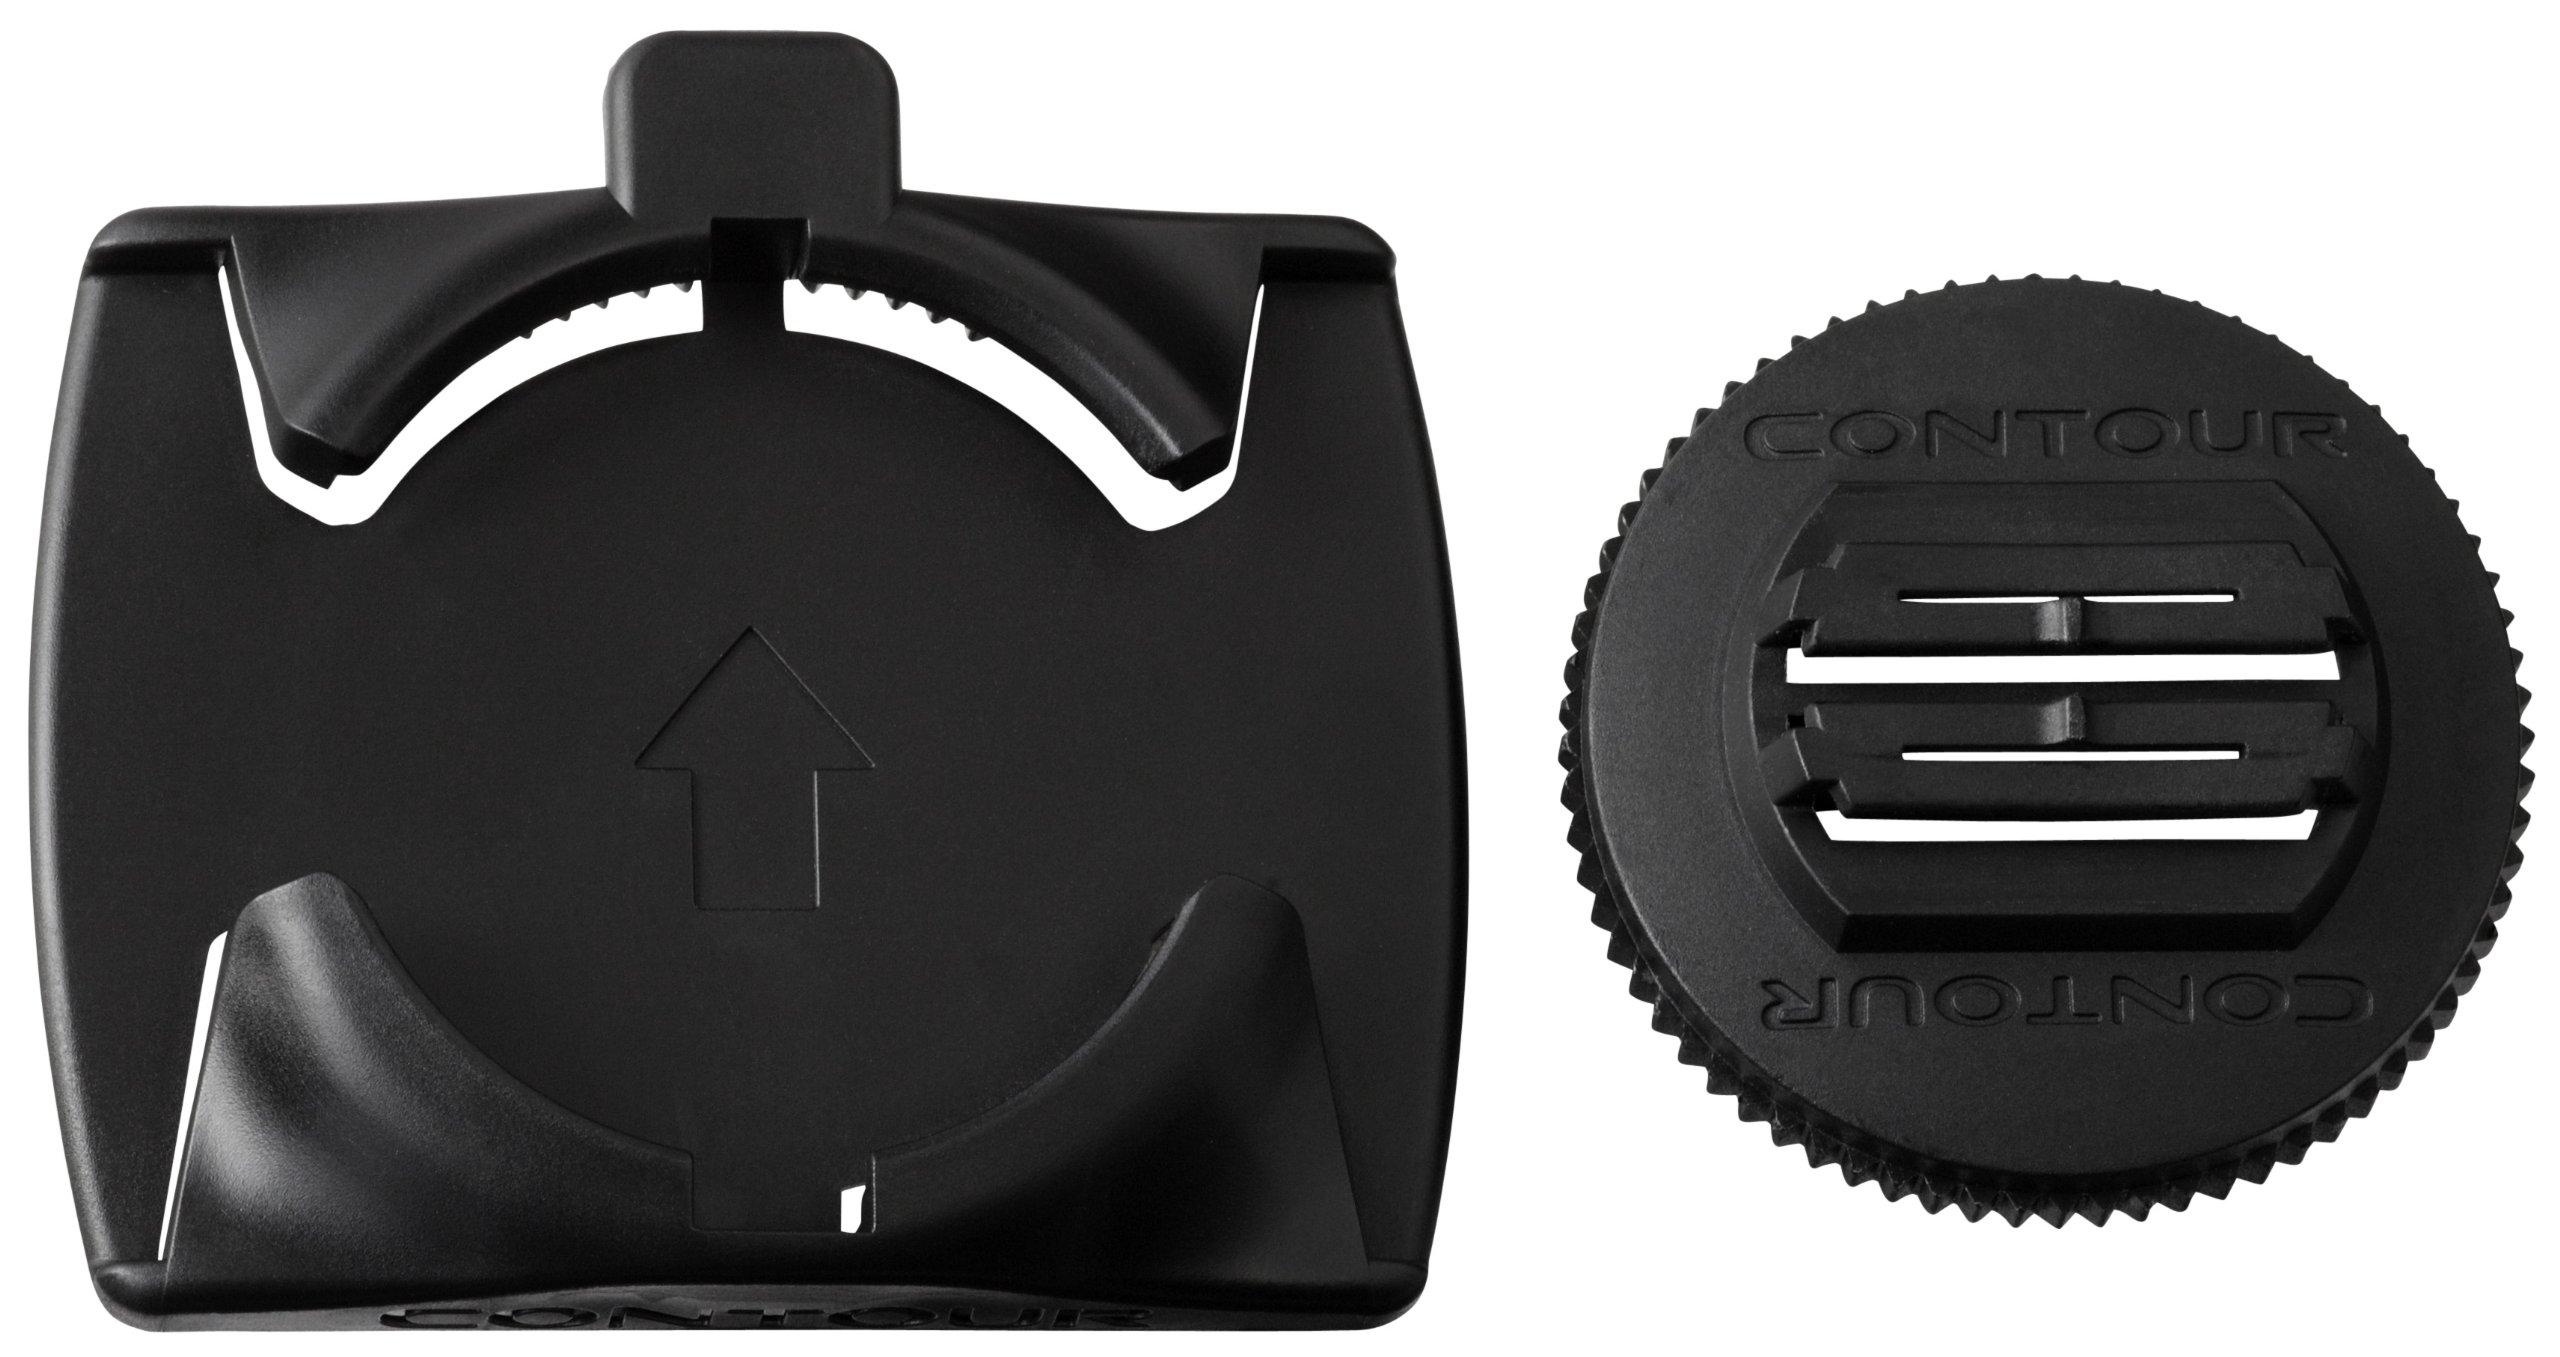 Contour 3750 Hat Mount for Contour Cameras by Contour